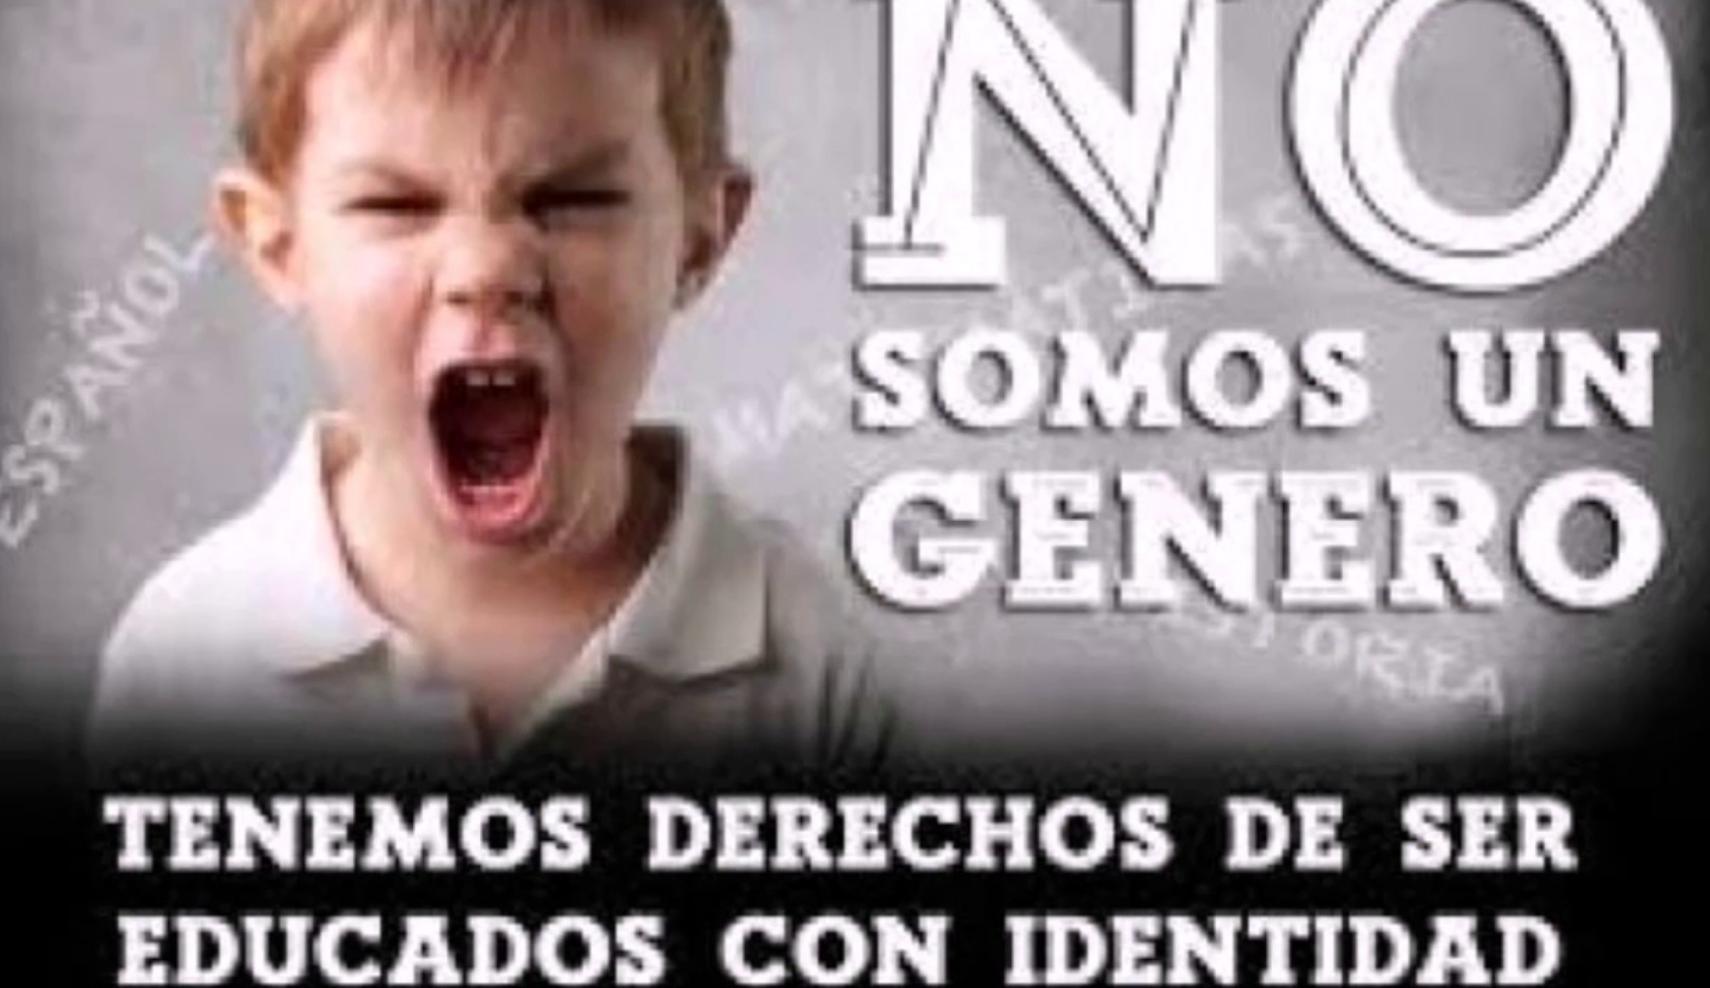 LA IDEOLOGÍA DE GENERO HACE DAÑO A LOS NIÑOS